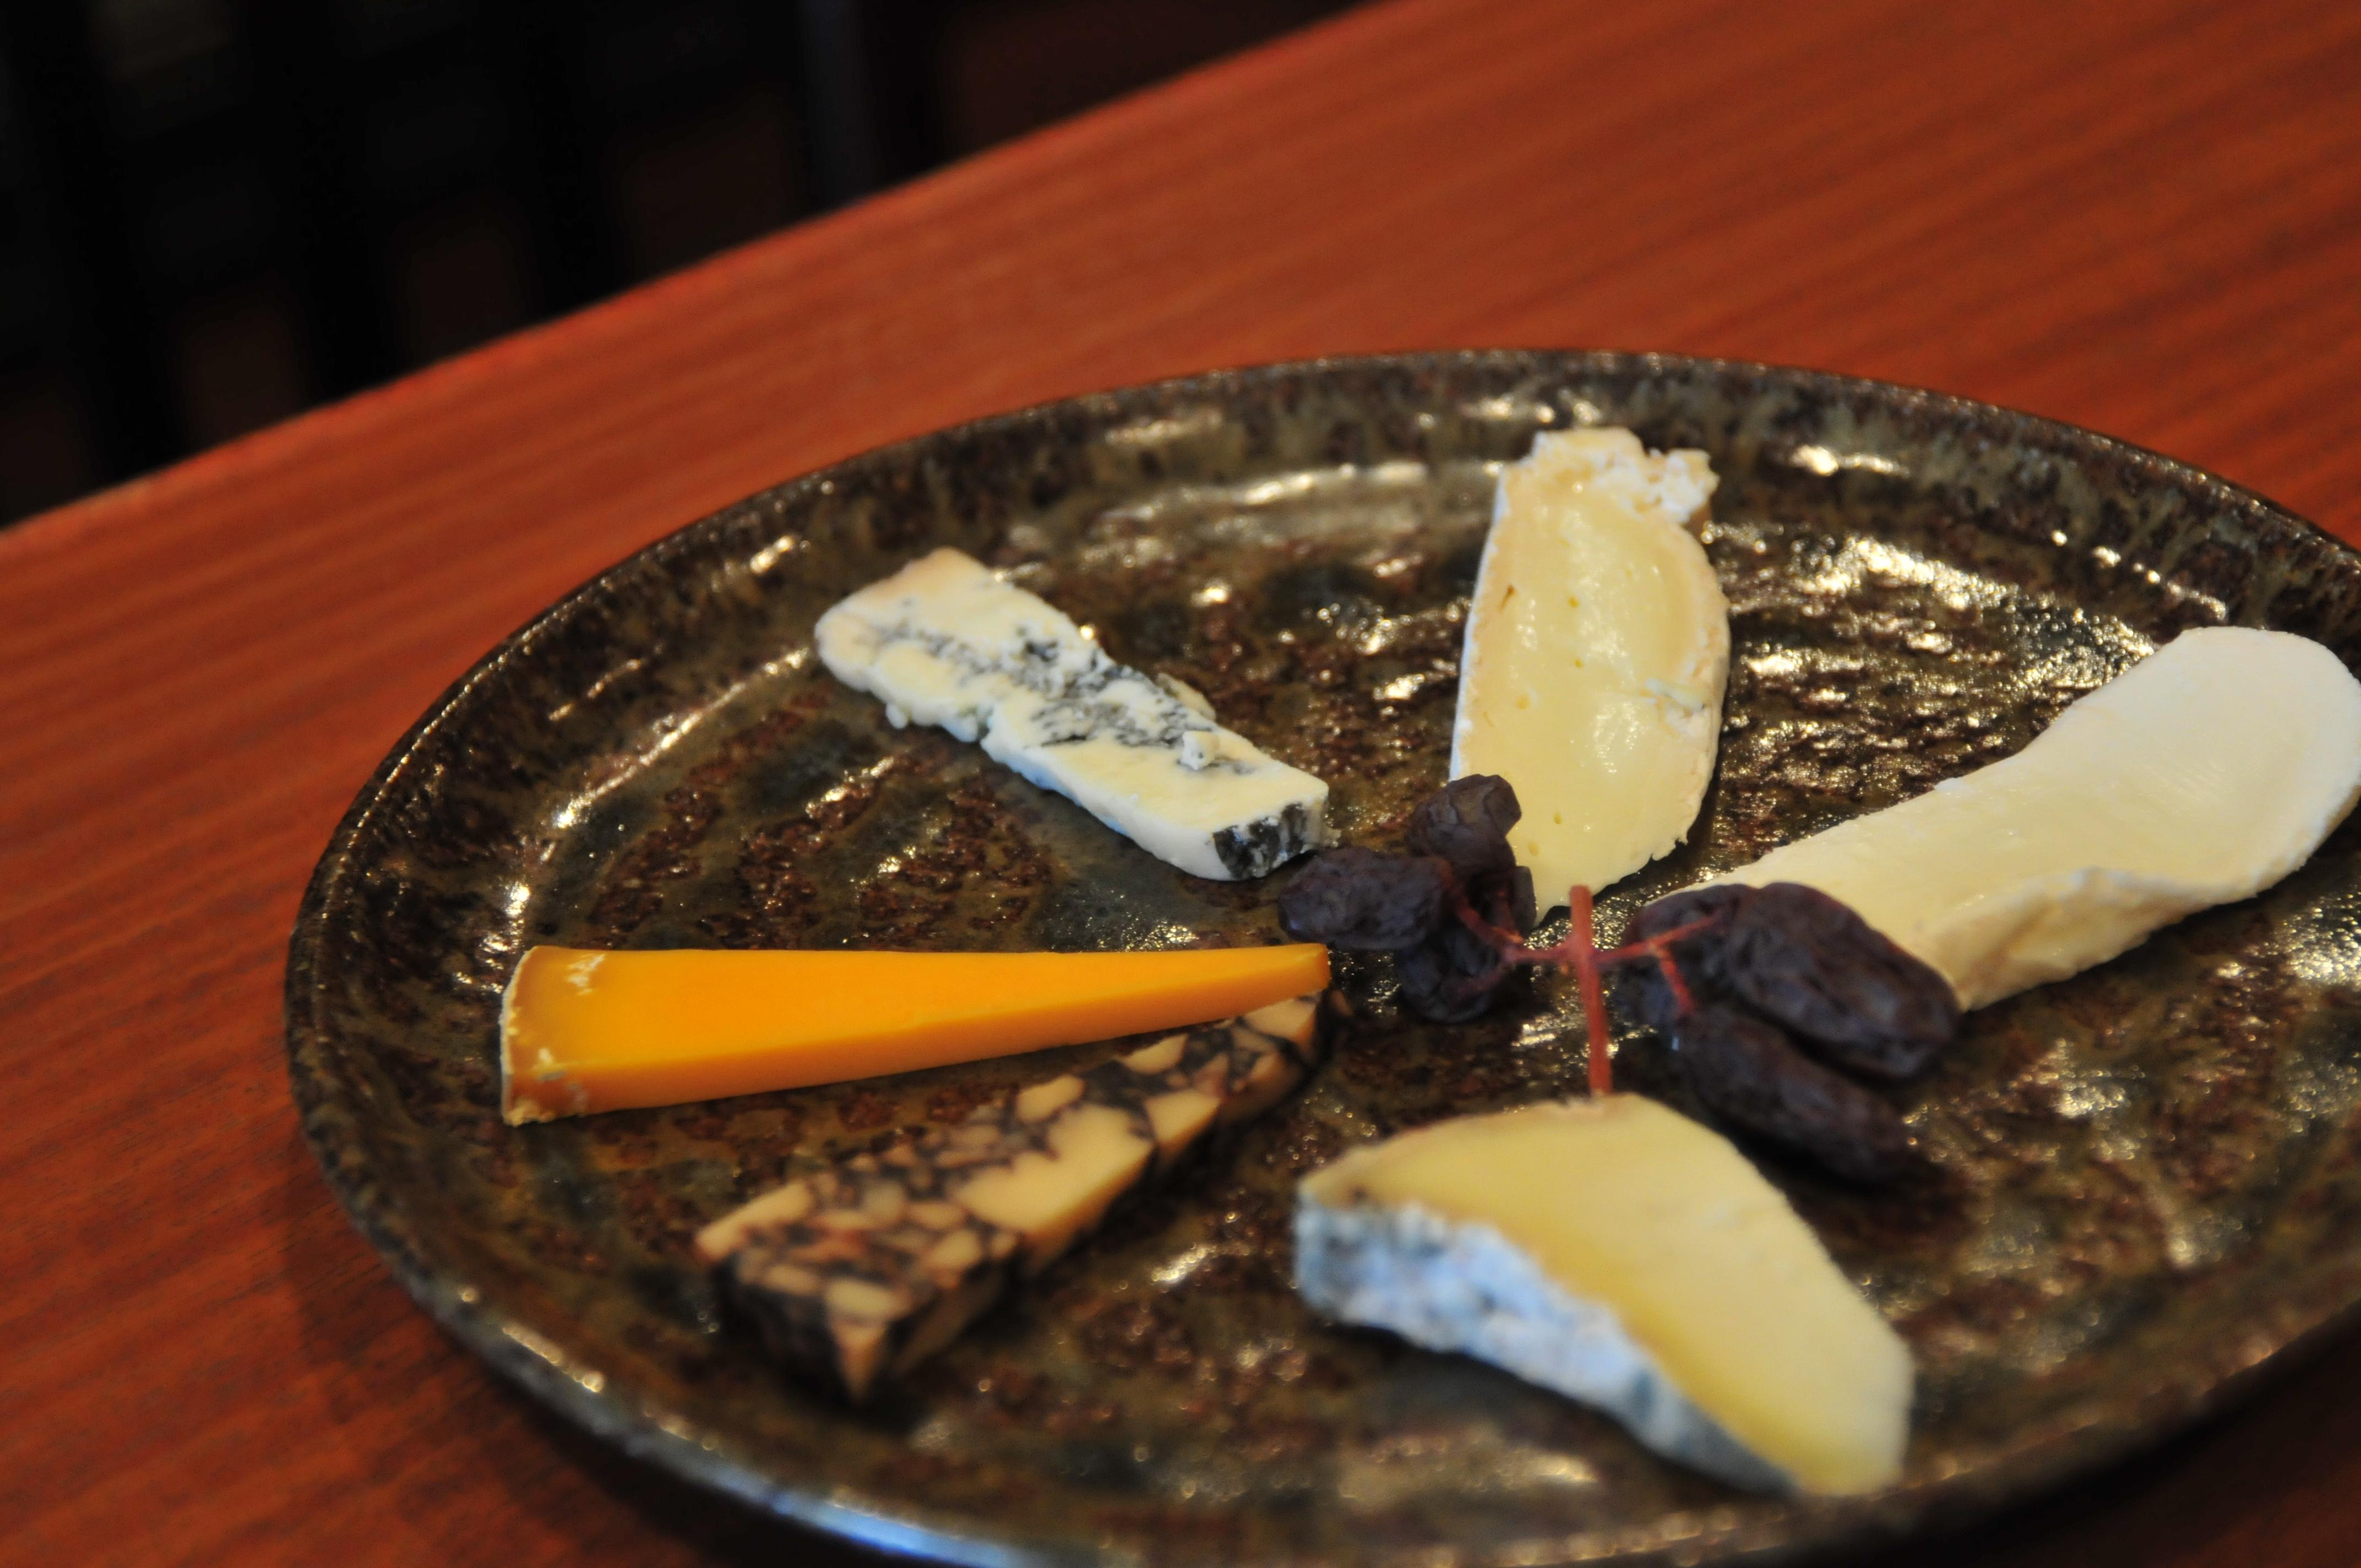 |ジュレ・ブランシュ|<br>和洋折衷のチーズがそろう<br>蔵造りのチーズ専門店